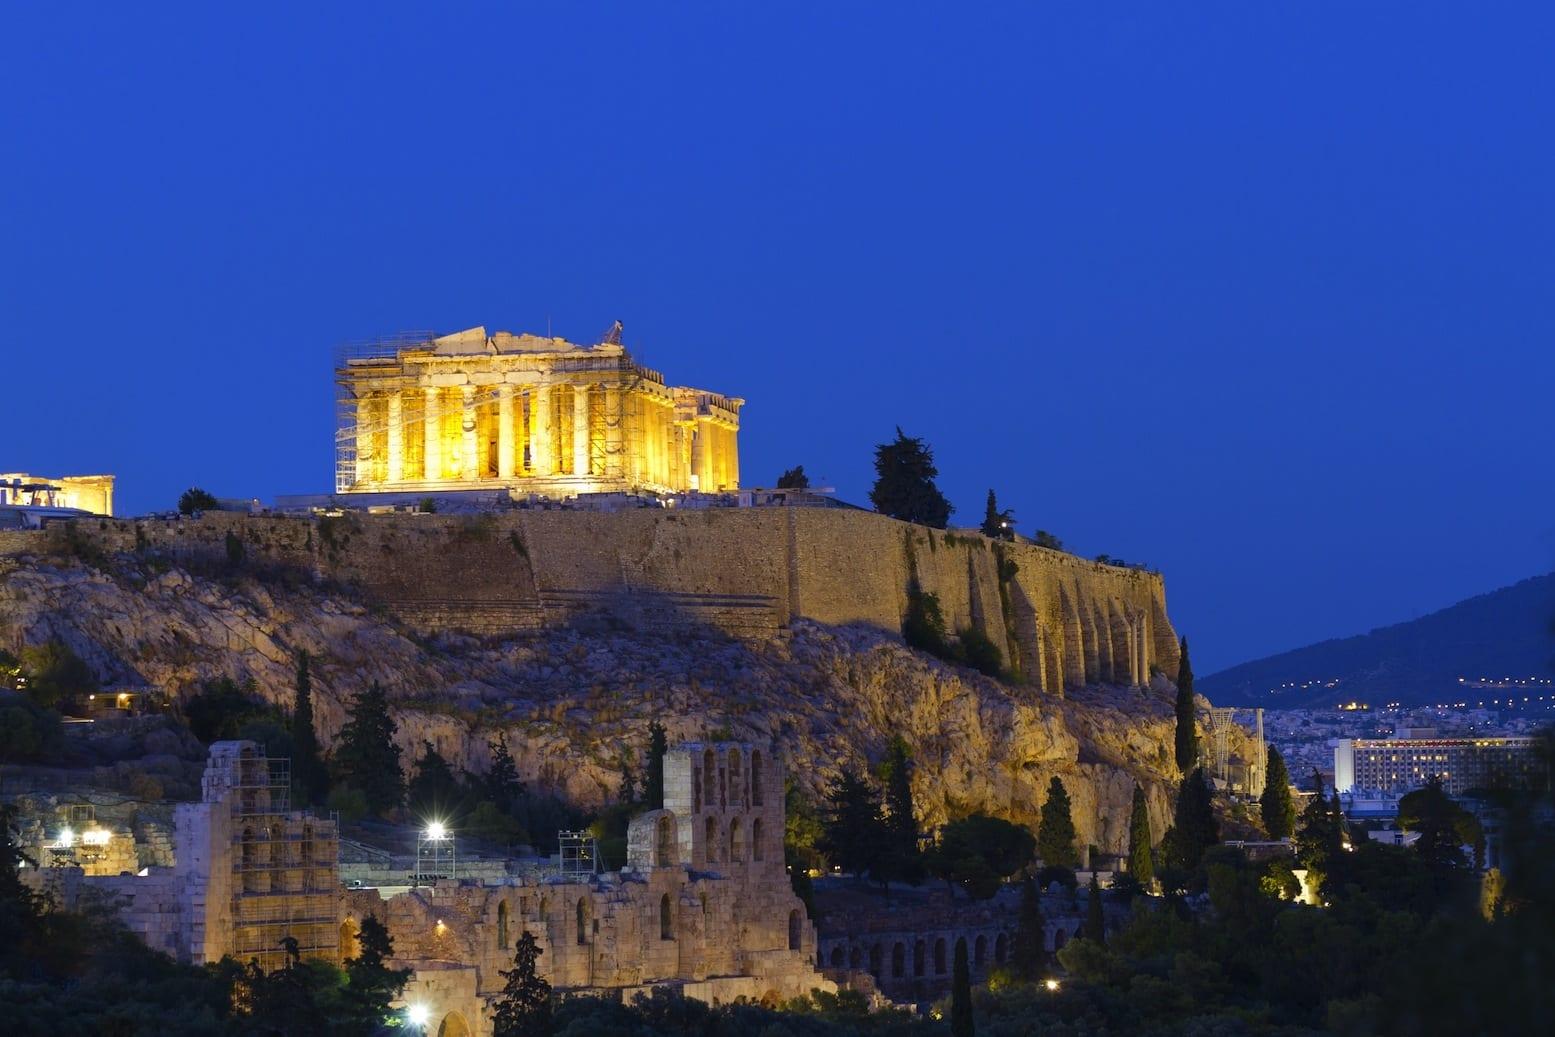 Ένα μεγάλο μπράβο σε όλους τους Έλληνες αγωνιζόμενους του Ράλλυ Ακρόπολις